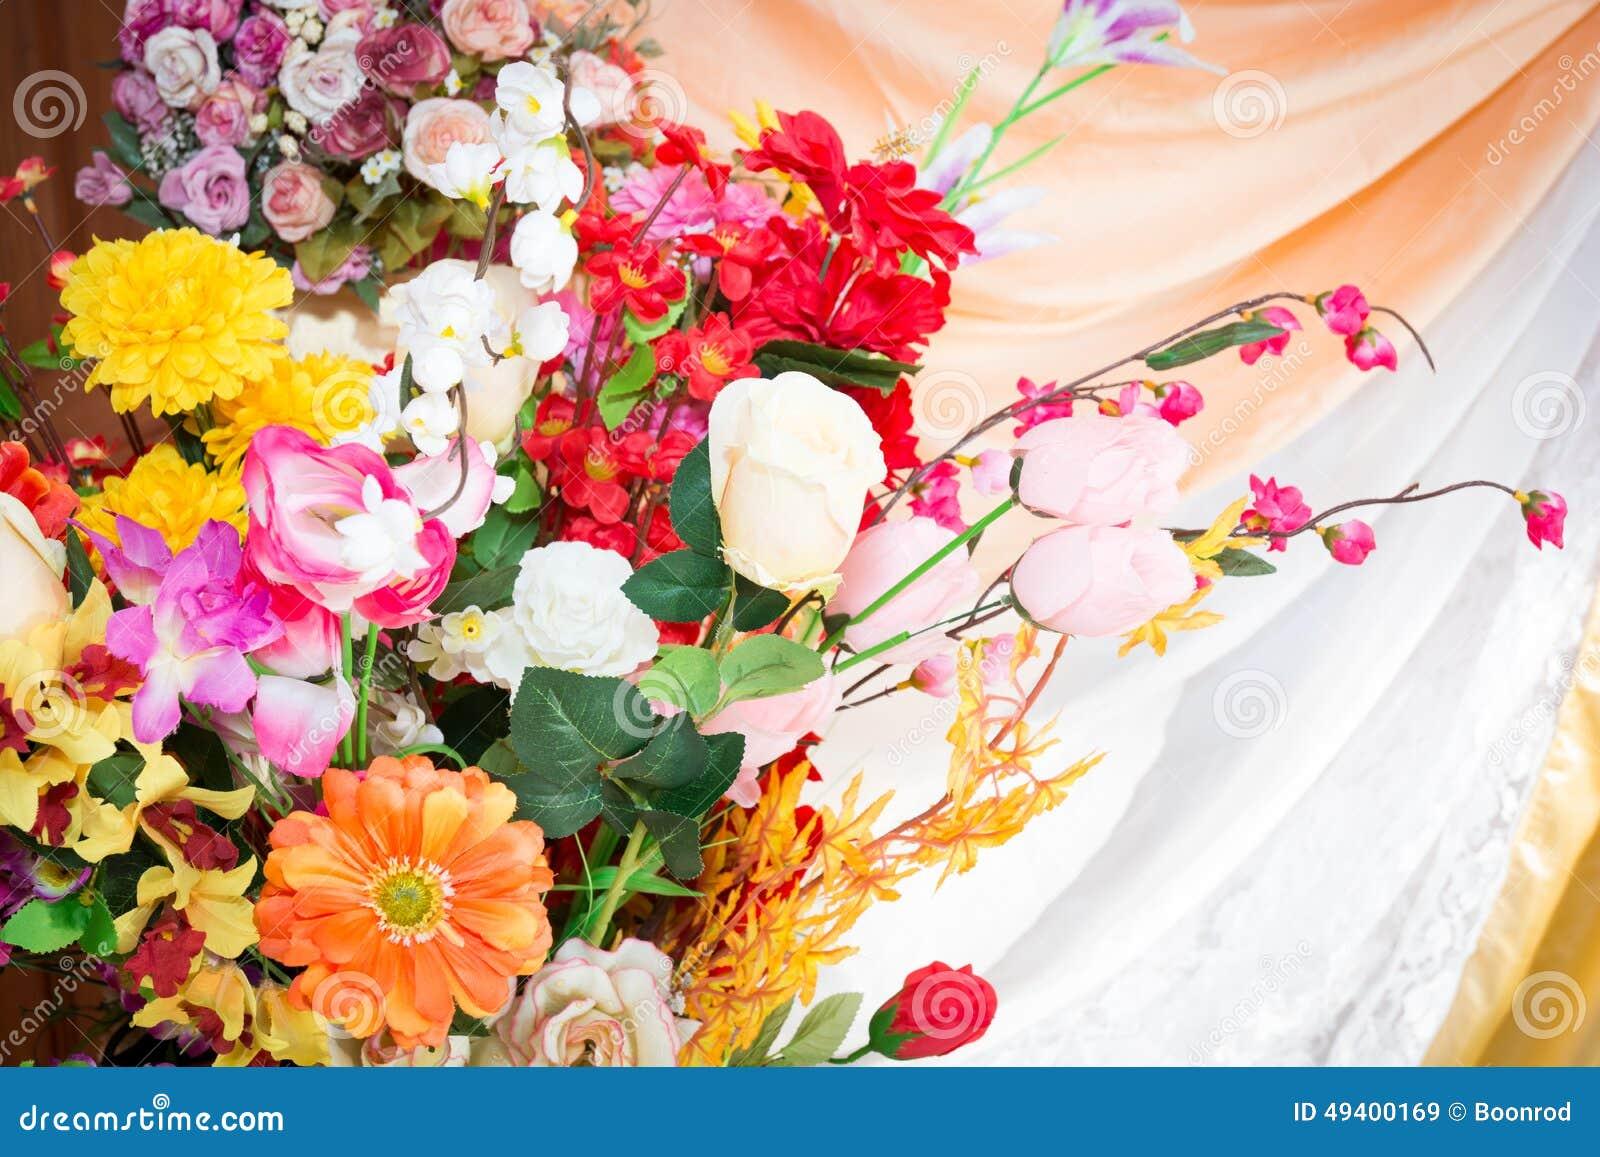 Download Weding Blumen stockbild. Bild von liebe, hochzeit, schön - 49400169